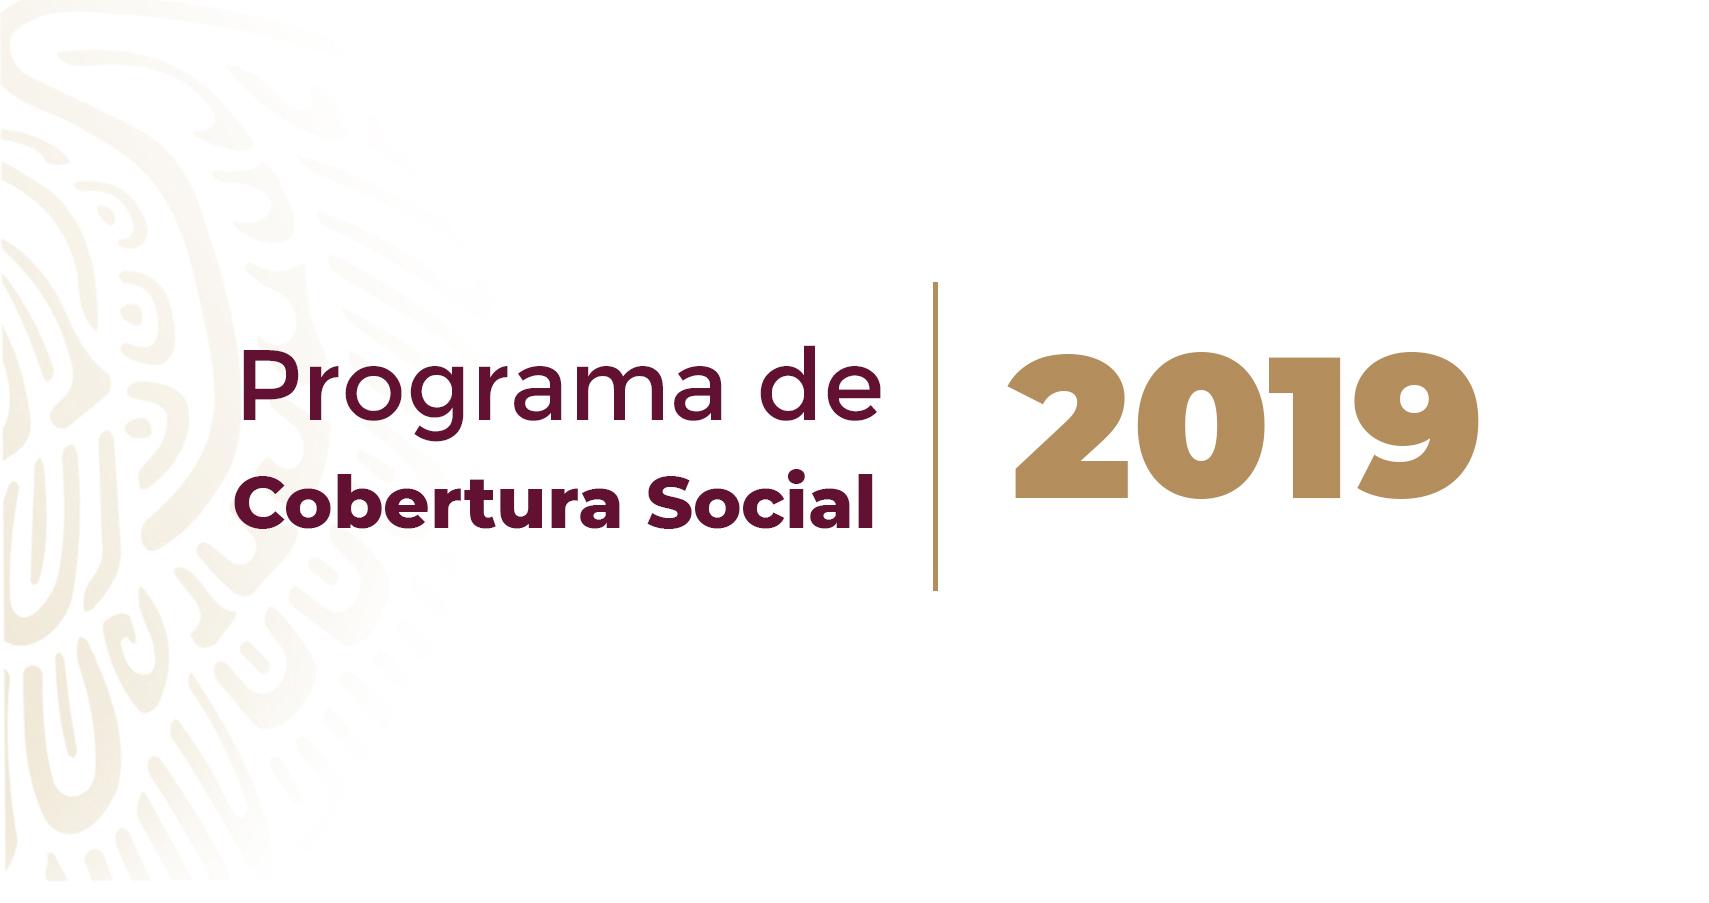 La SCT Presenta su Programa de Cobertura Social